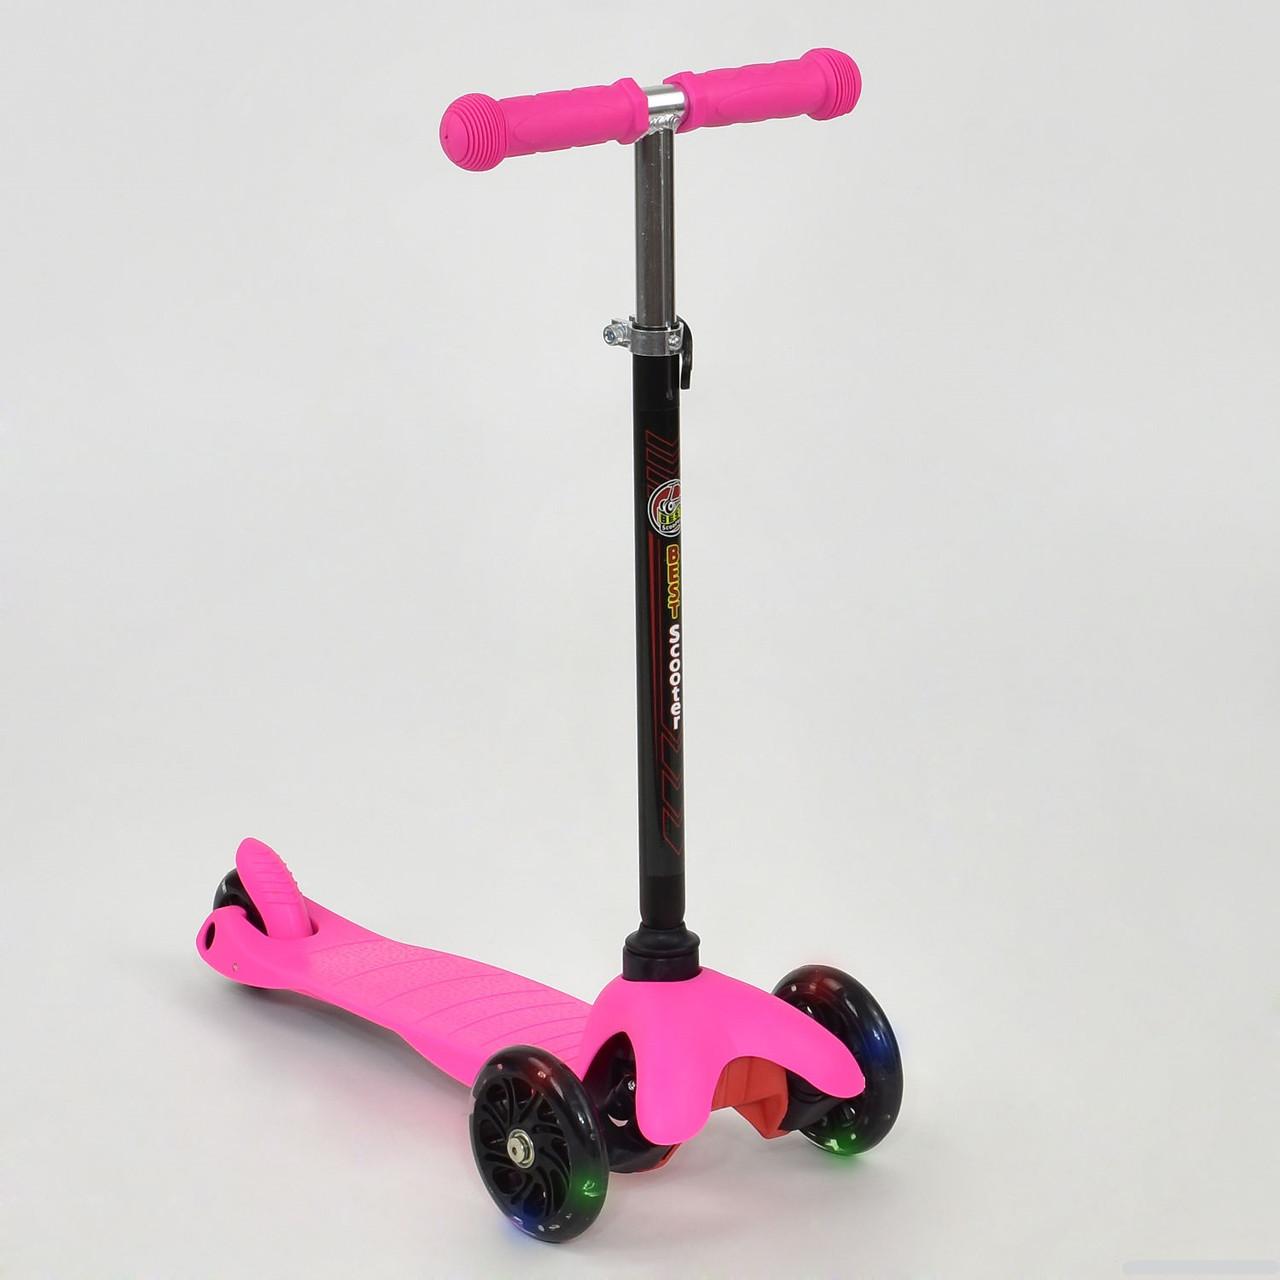 """Самокат А 24682 / 466-112 MINI """"Best Scooter""""  РОЗОВЫЙ, пластмассовый, СВЕТ. КОЛЁСА PU, трубка руля алюминиева"""